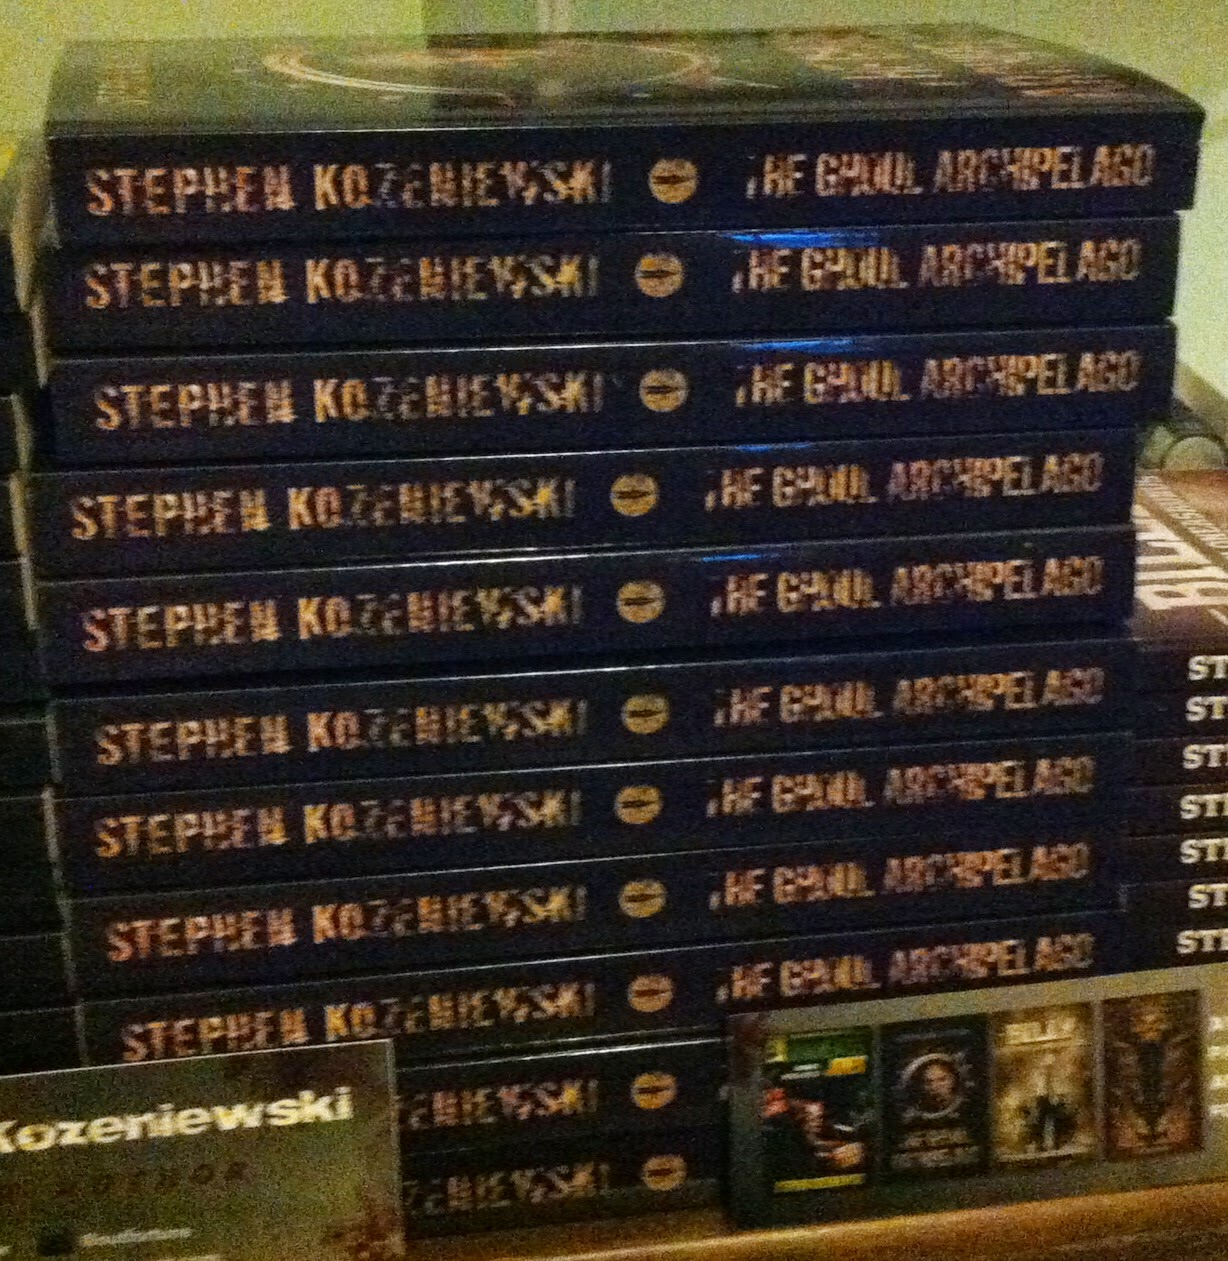 http://www.amazon.com/Ghoul-Archipelago-Post-Apocalyptic-Thriller-ebook/dp/B00FTP5URO/ref=la_B00FFLC5Y8_1_5_title_1_kin?s=books&ie=UTF8&qid=1426260407&sr=1-5